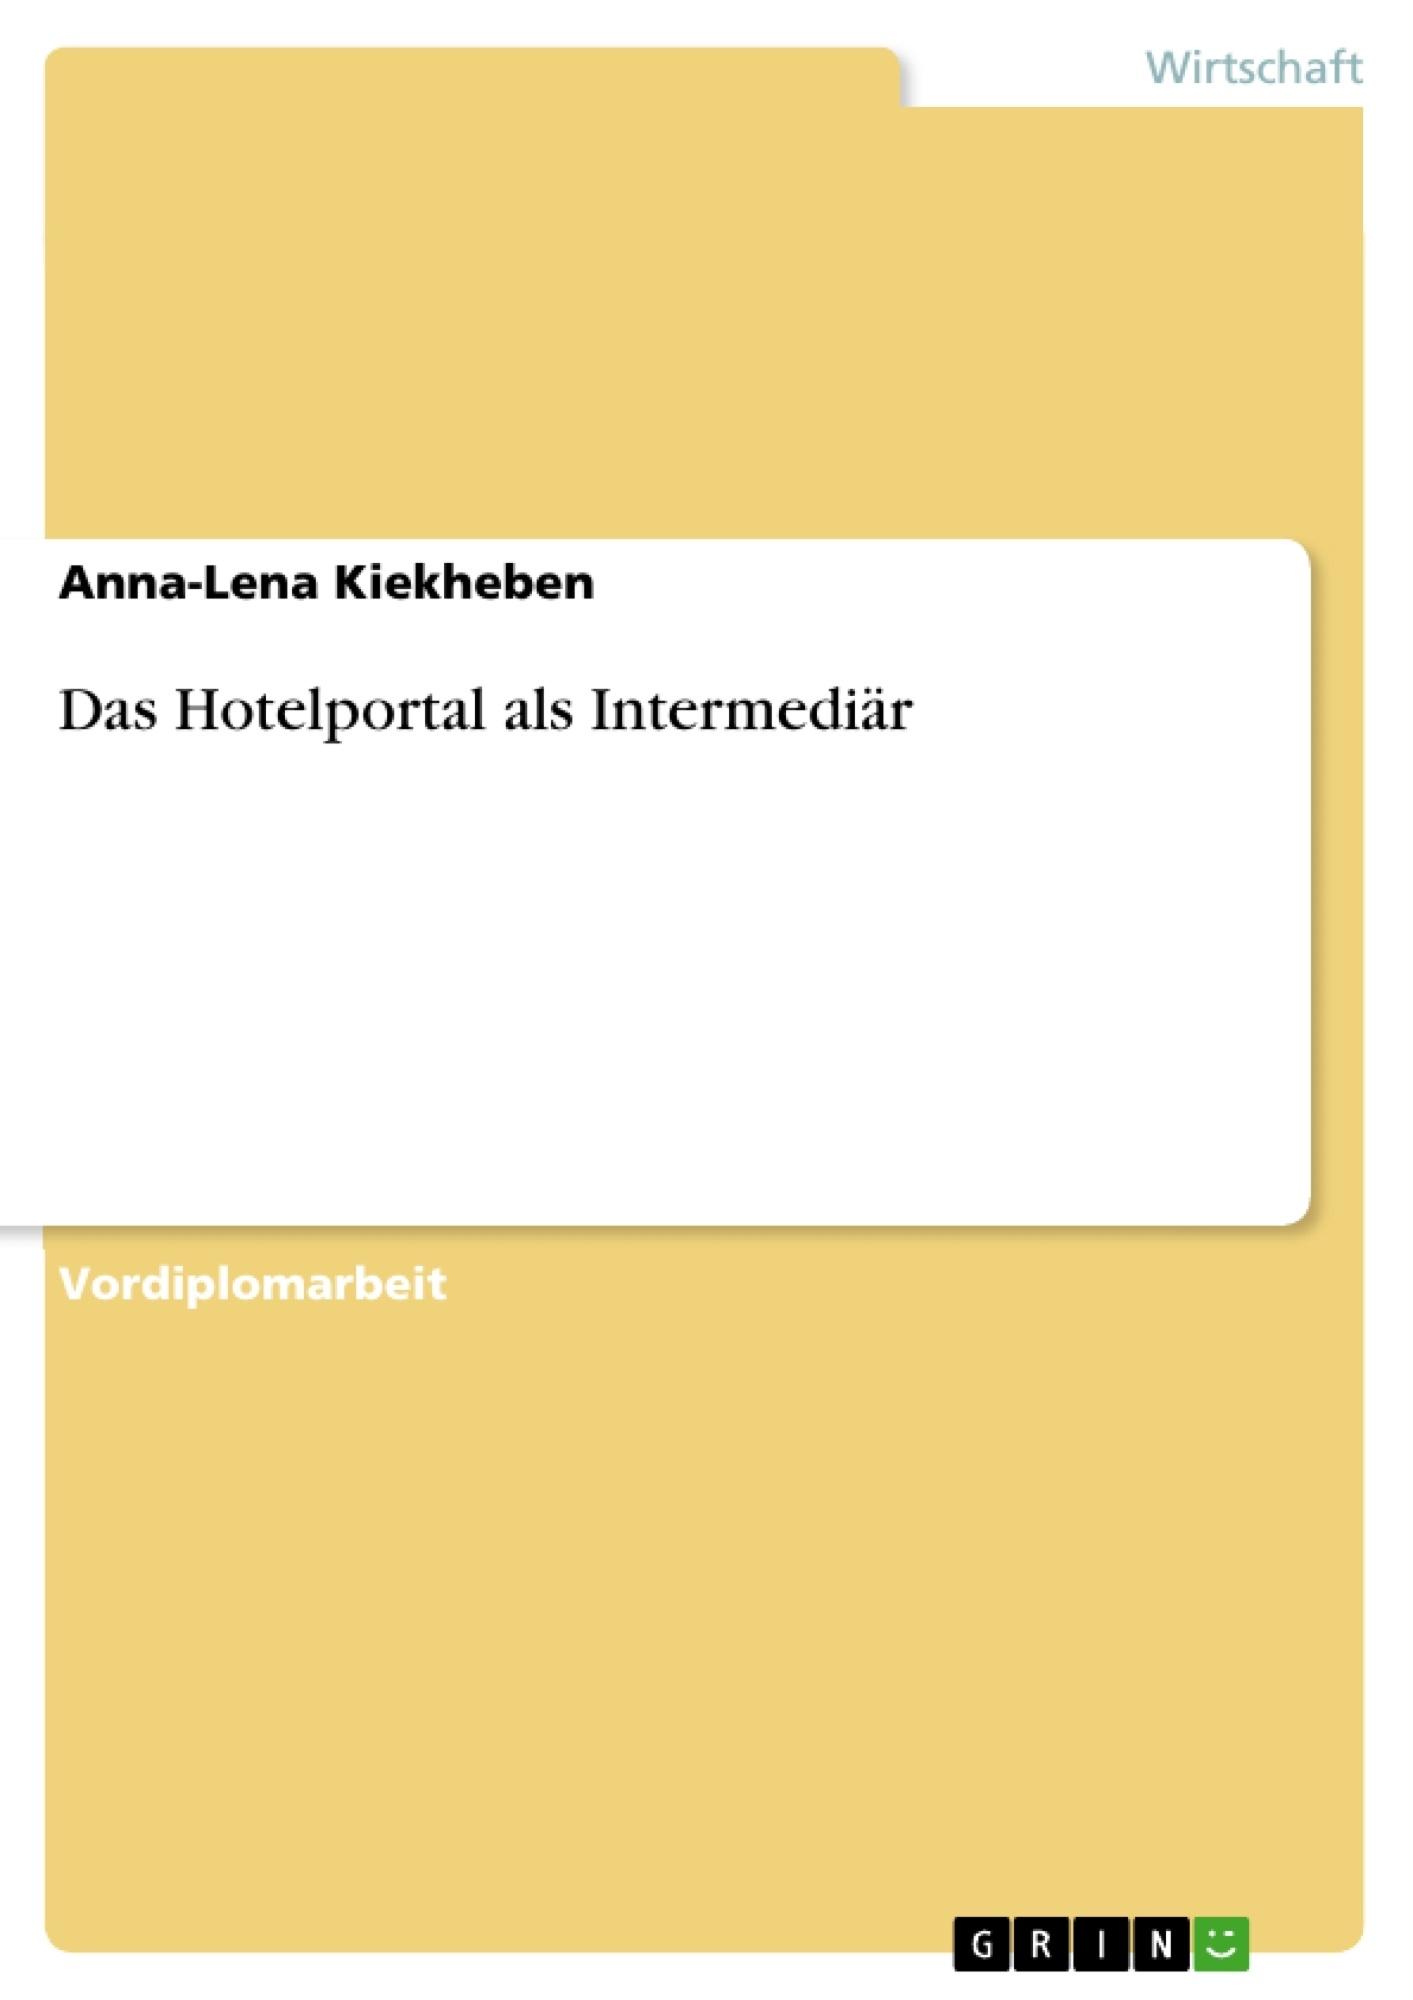 Titel: Das Hotelportal als Intermediär